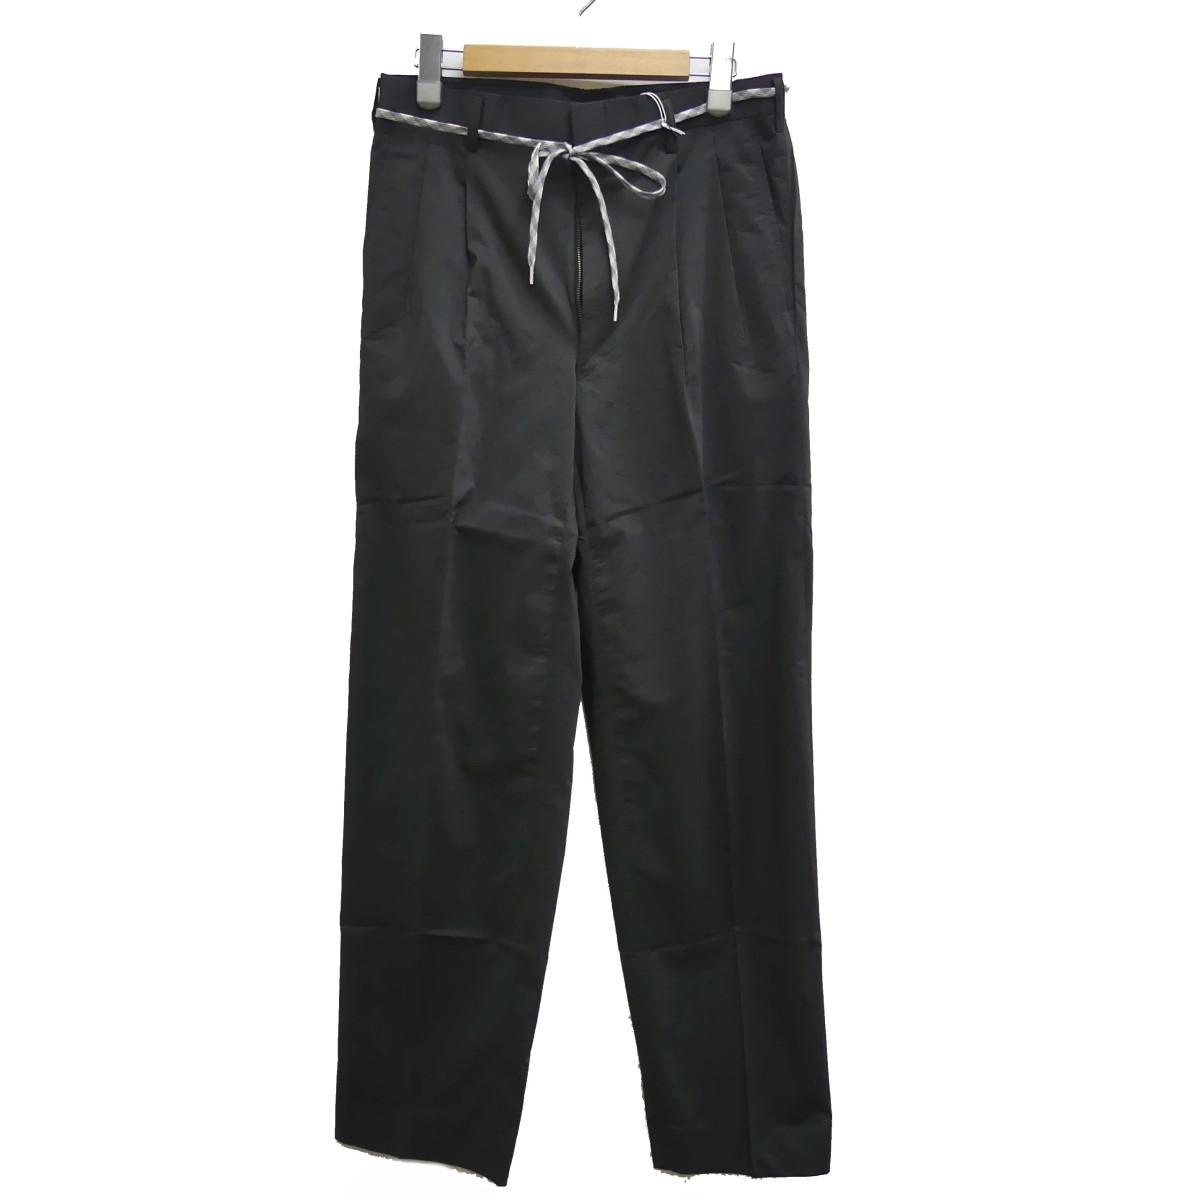 【中古】RYU Nylon chamblay 2 tuch taperd pants ナイロン2タックワイドパンツ ブラック サイズ:3 【290320】(リュー)